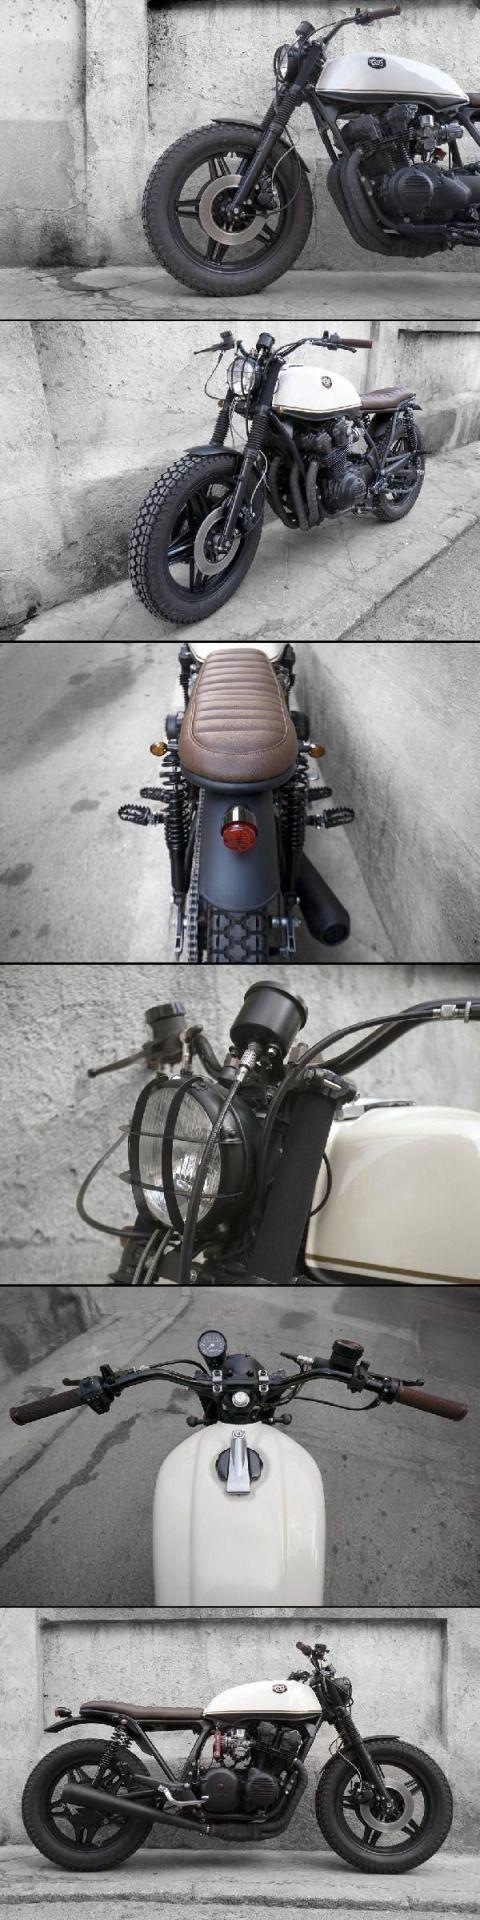 Honda Motorcycle Trust Me I'm A Biker Please Like Page on Facebook: https://www.facebook.com/pg/trustmeiamabiker Follow On pinterest: https://www.pinterest.com/trustmeimabiker/